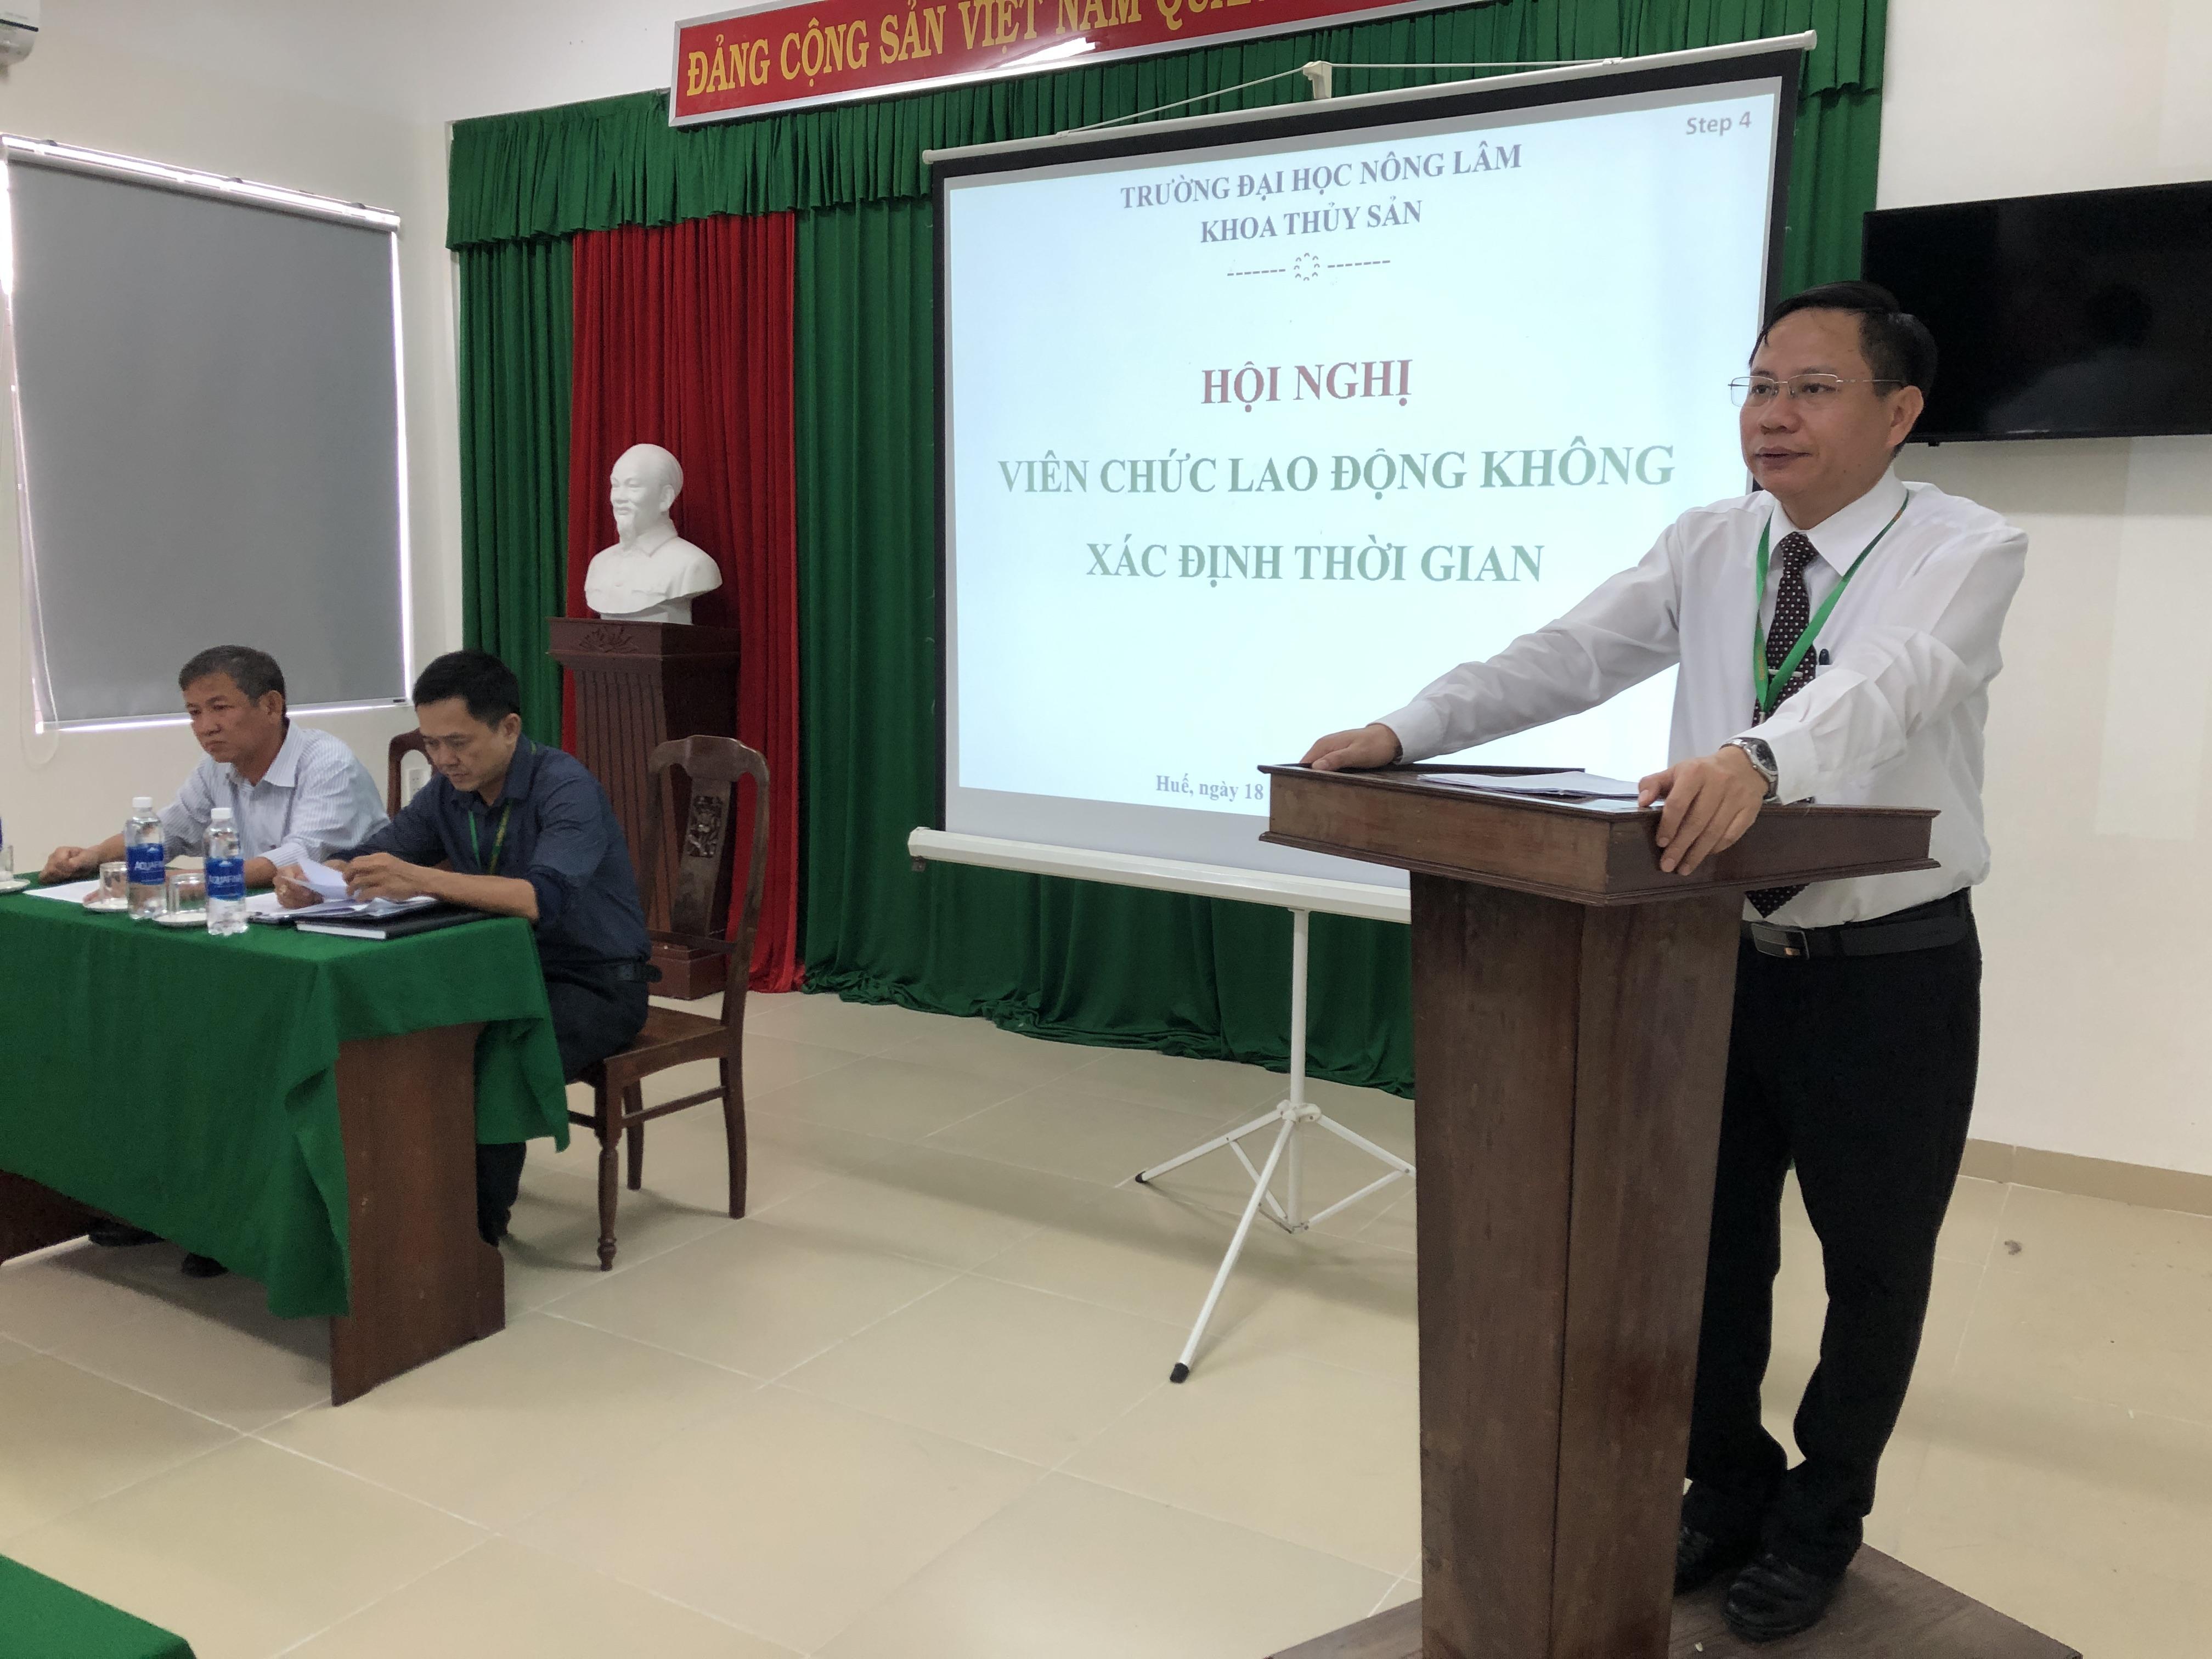 PGS.TS. Trần Thanh Đức, Hiệu trưởng nhà trường, phát biểu ý kiến chỉ đạo